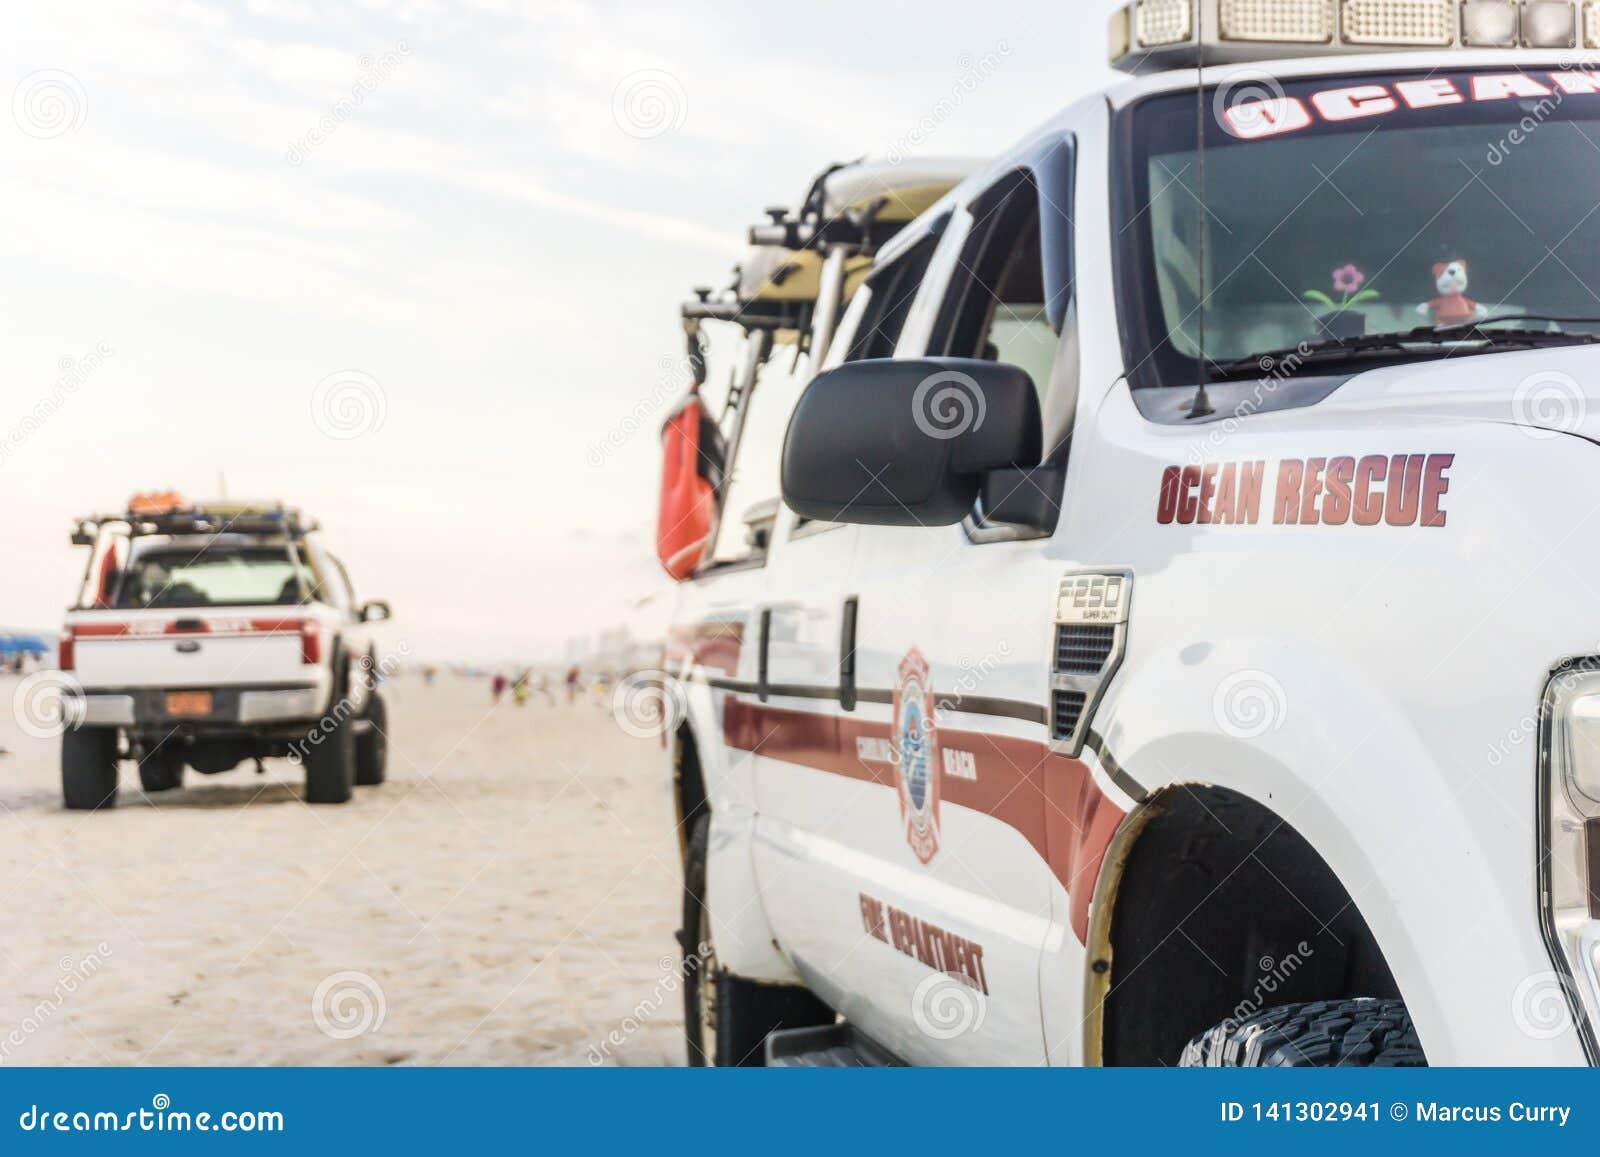 海洋抢救海滩巡逻卡车